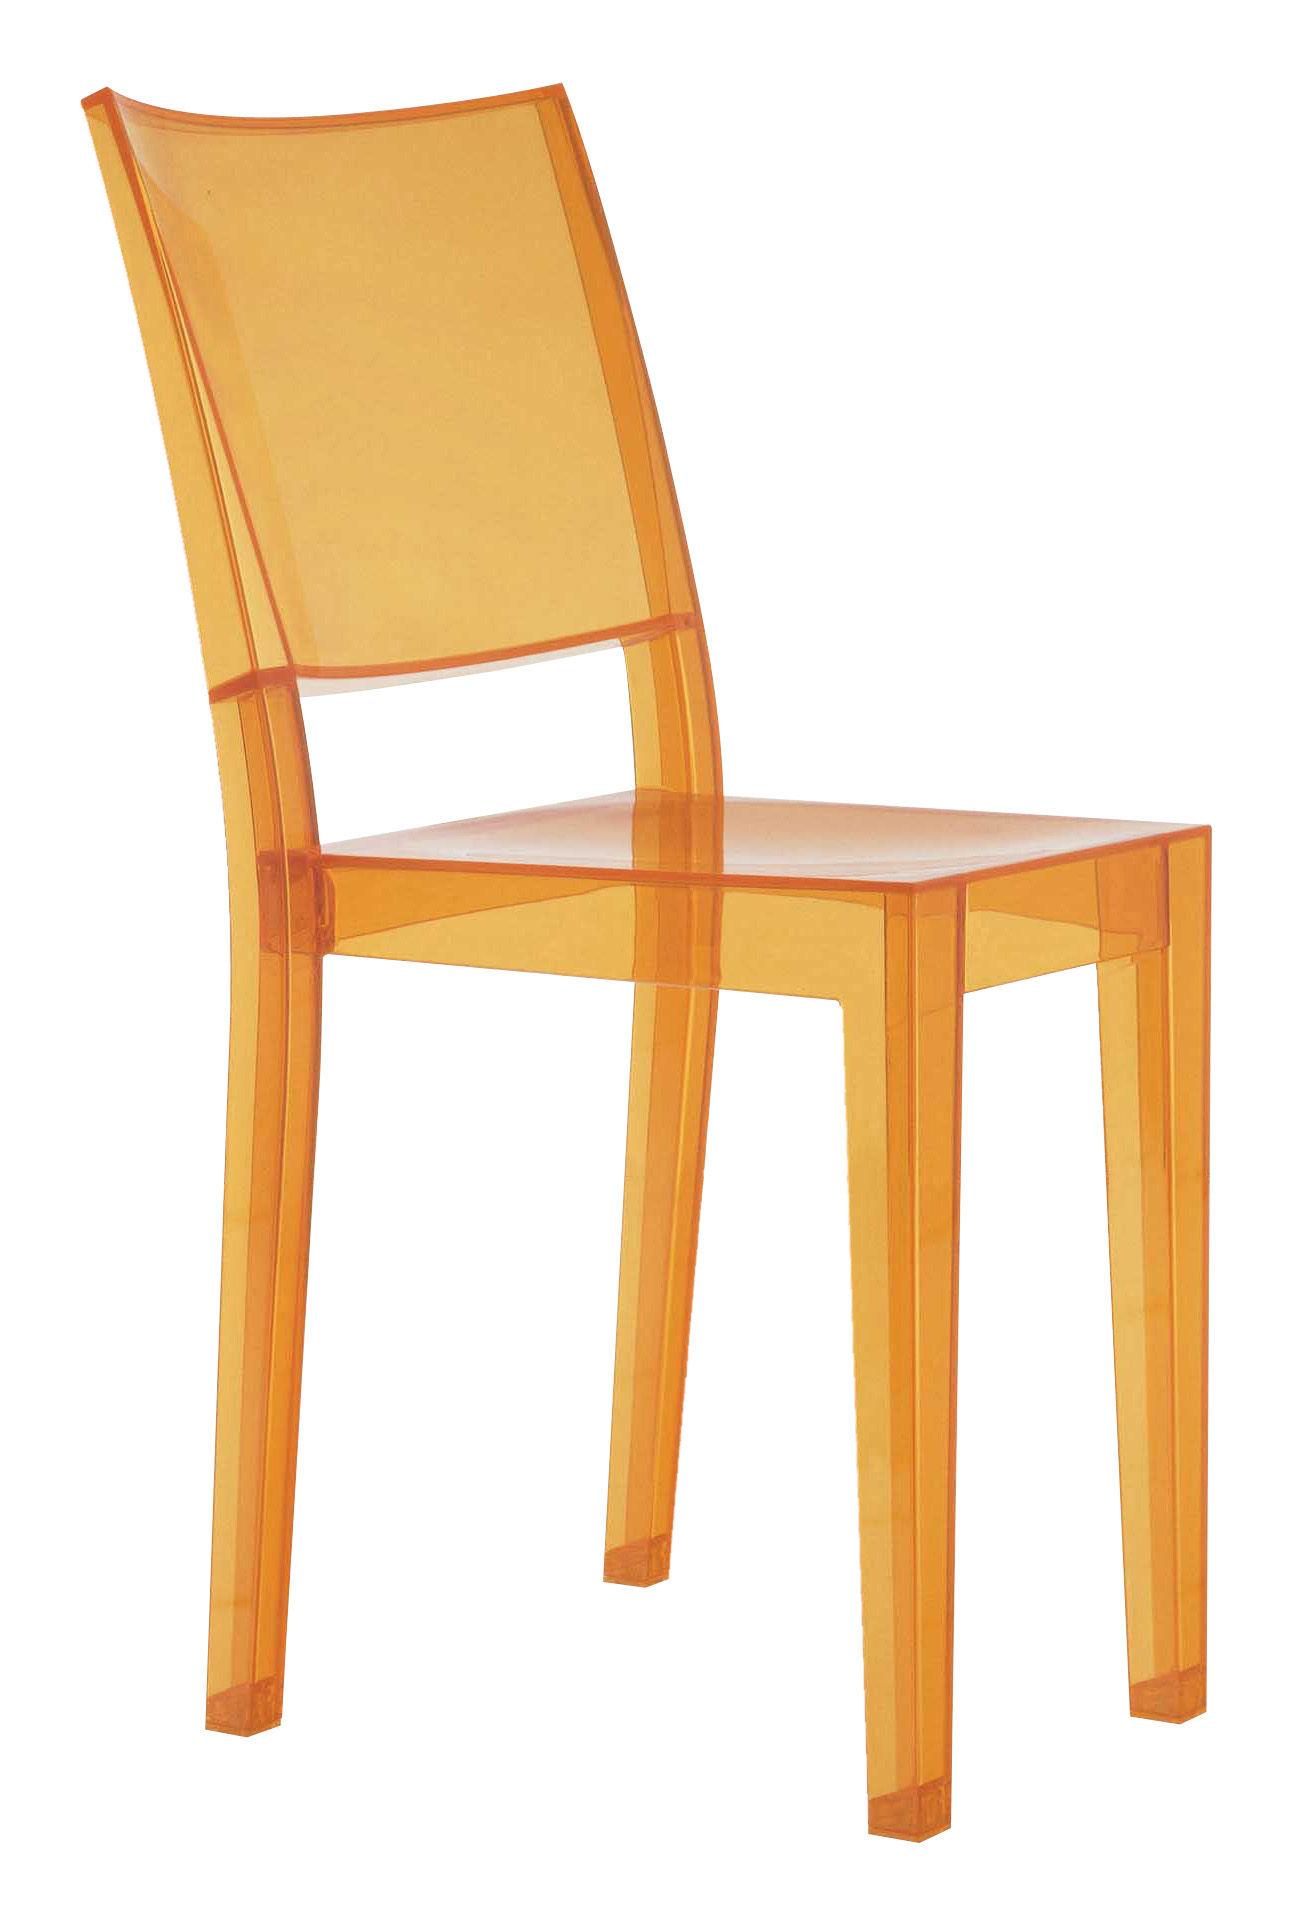 Mobilier - Chaises, fauteuils de salle à manger - Chaise empilable La Marie / Polycarbonate - Kartell - Orange clair - Polycarbonate